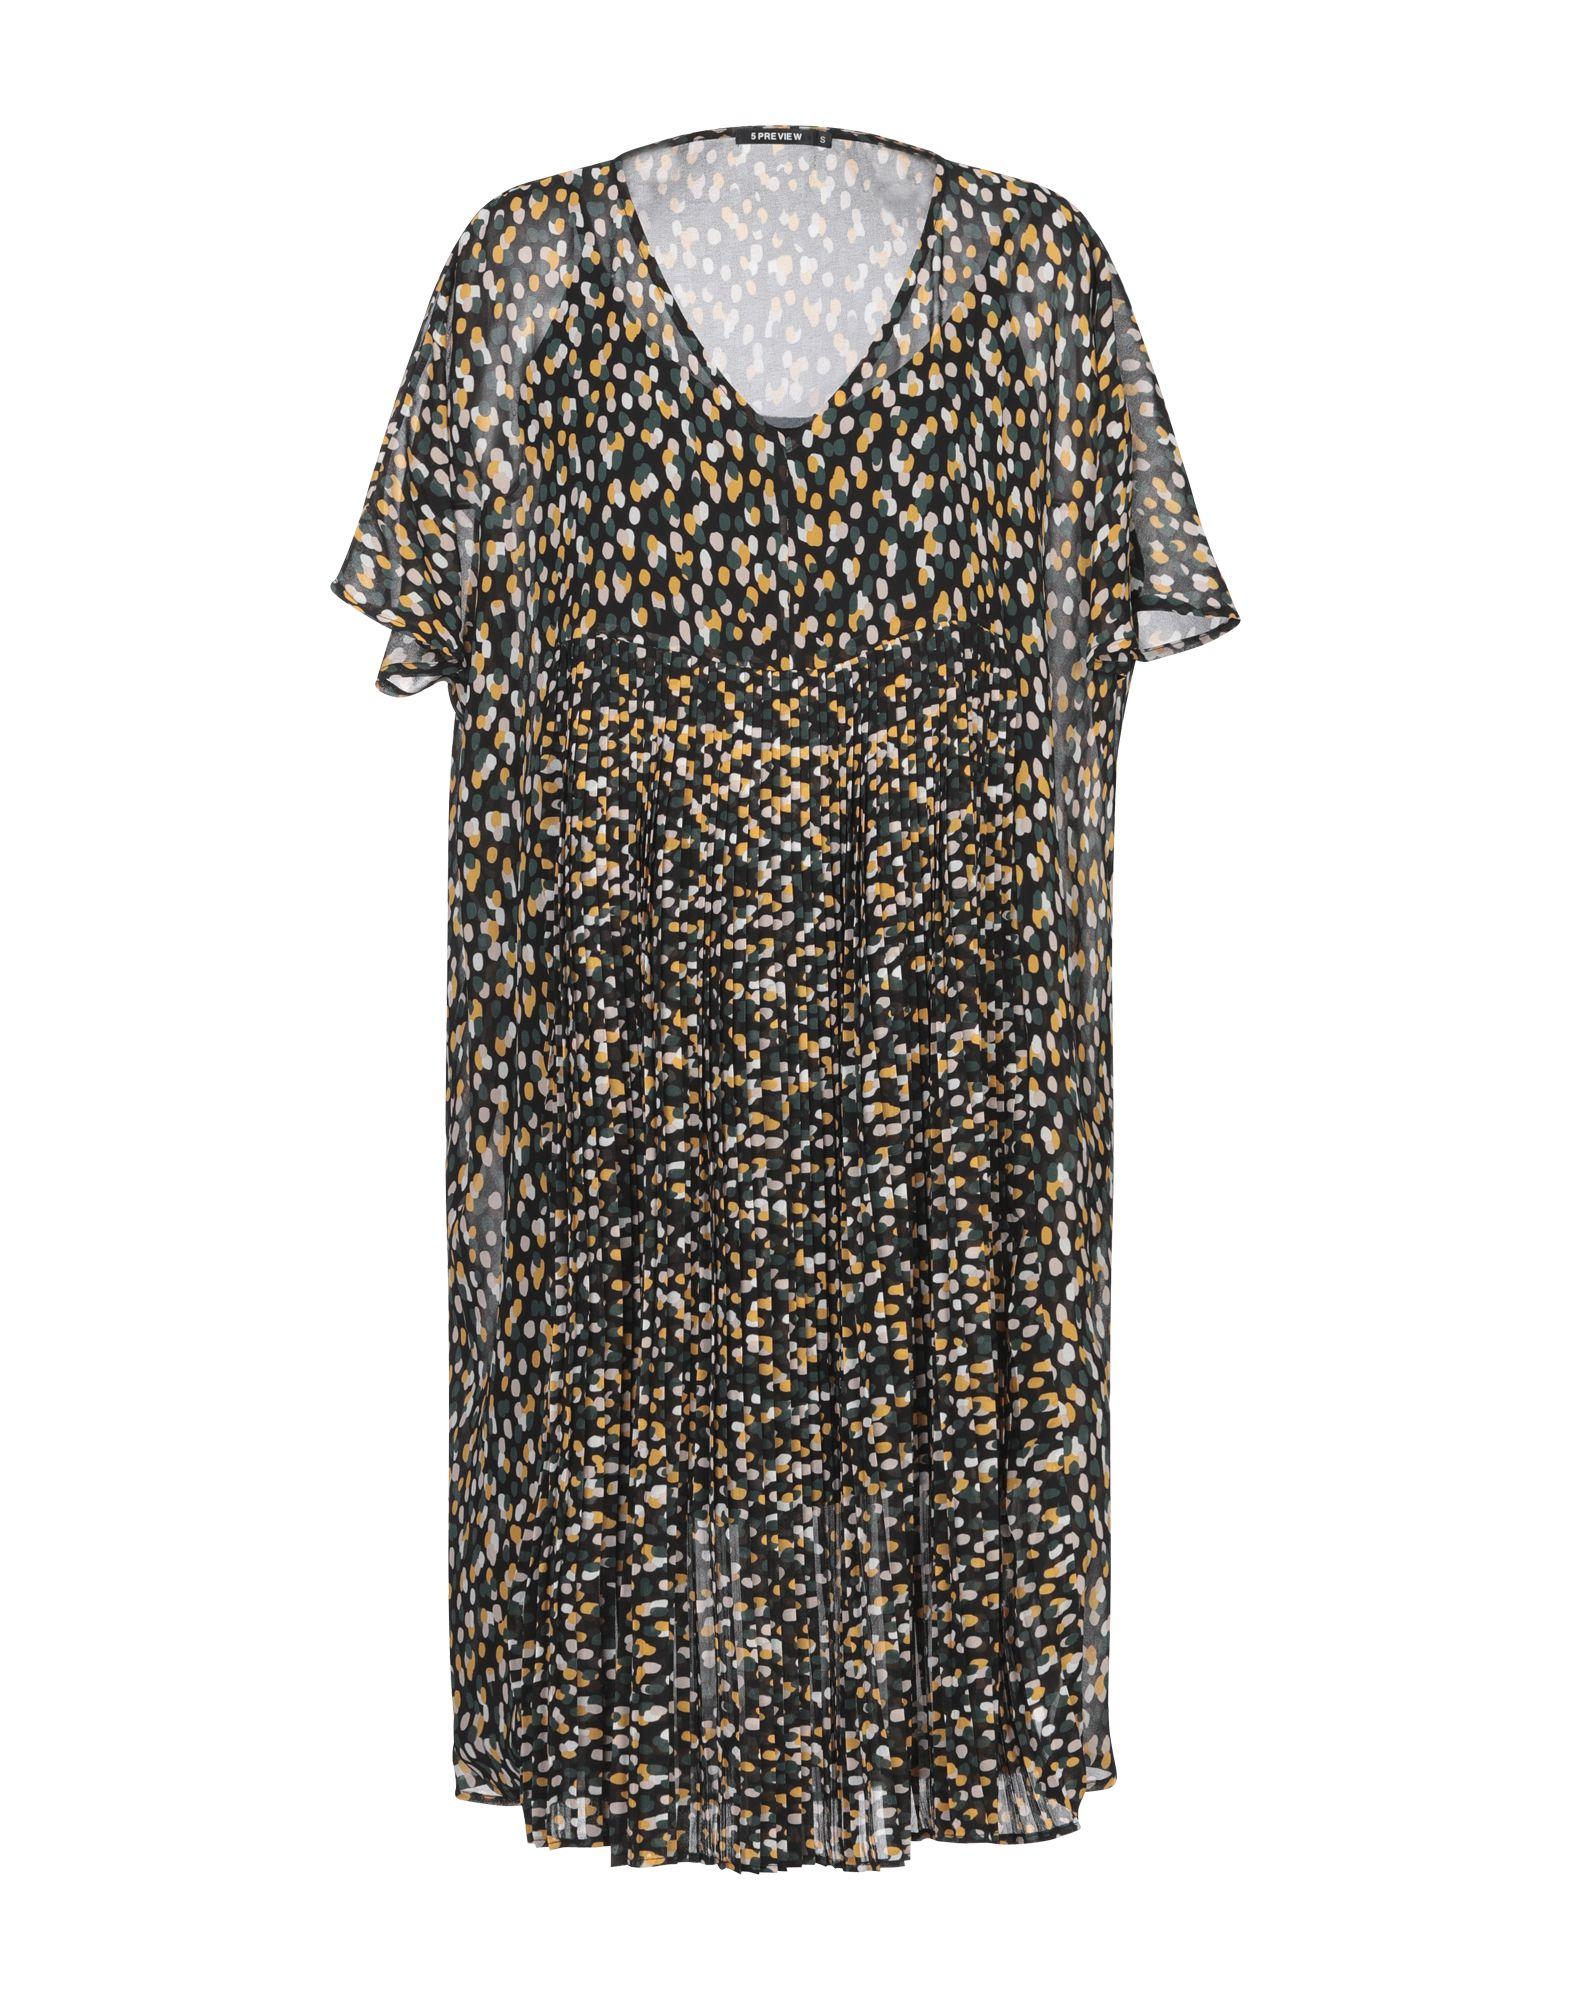 5PREVIEW Короткое платье цены онлайн